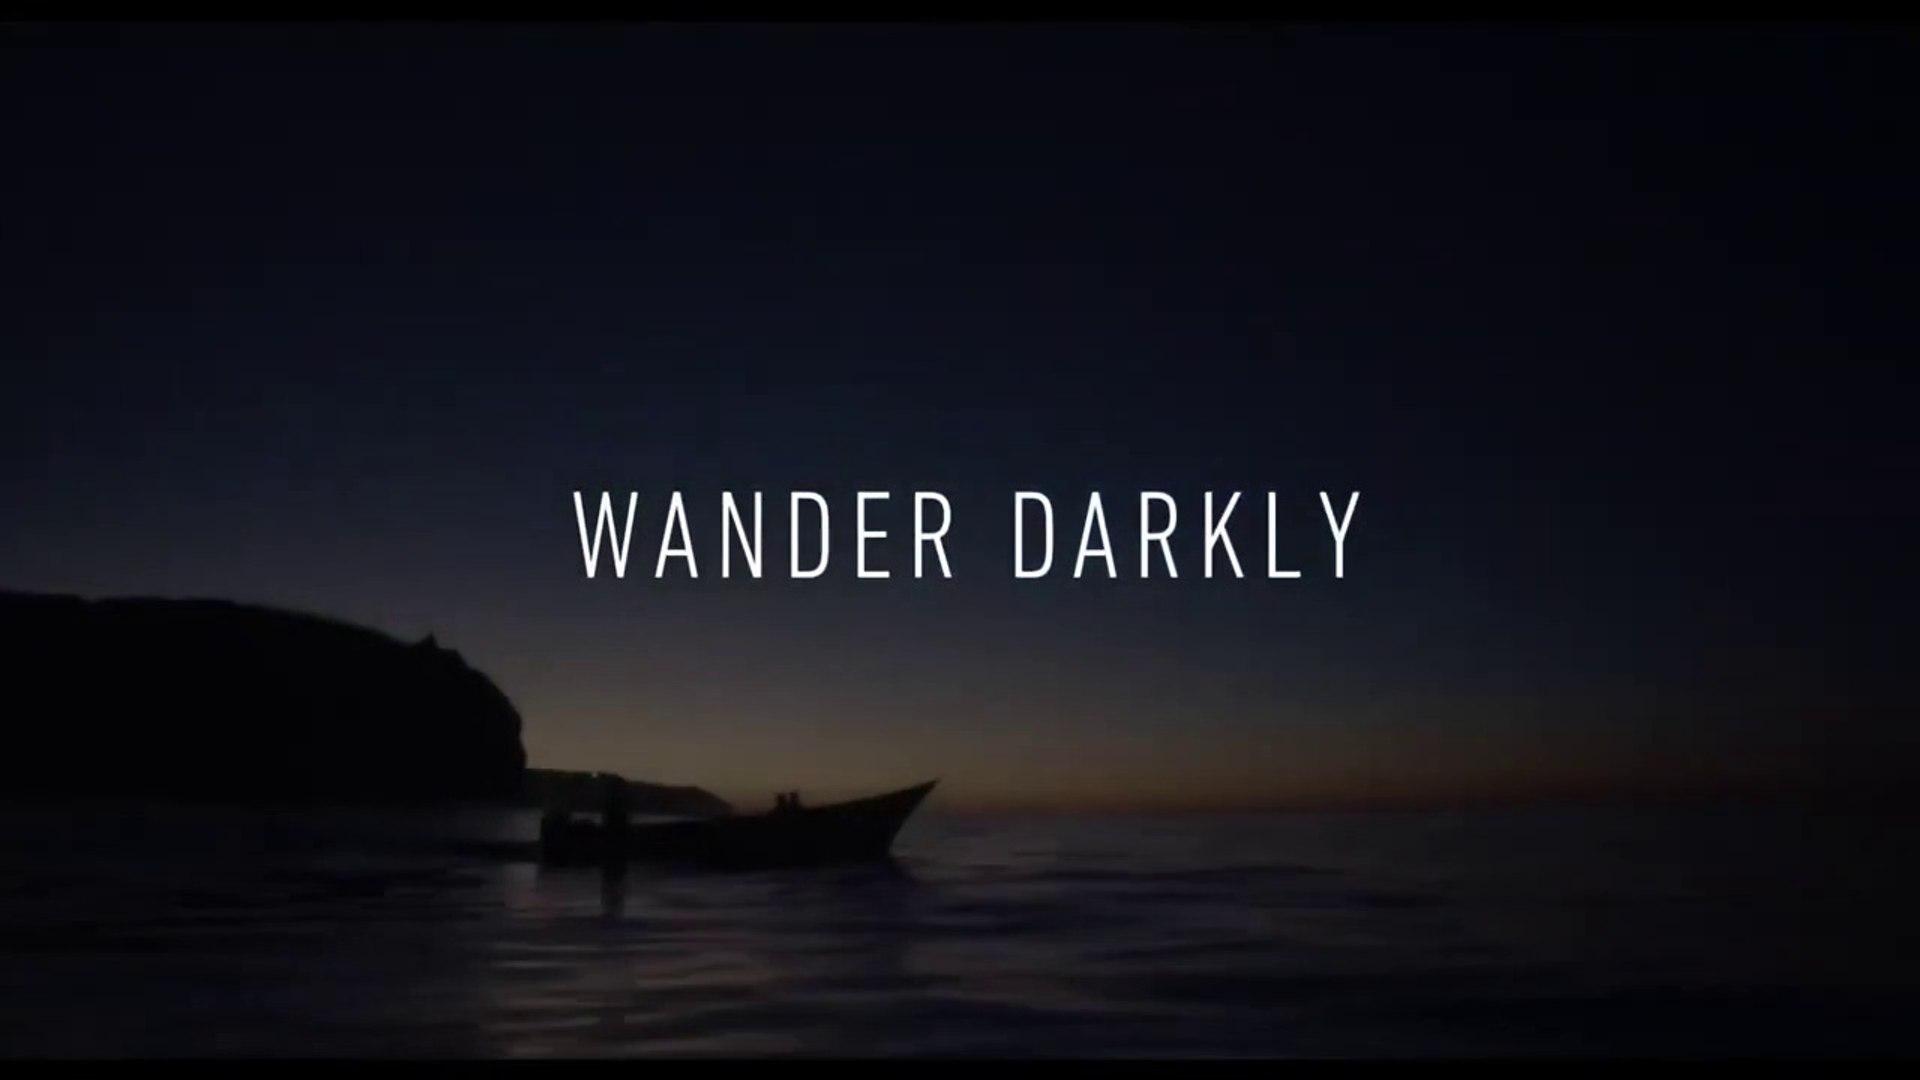 Wander Darkly Official Trailer 2020 Sienna Miller Diego Luna Vanessa Bayer Drama Video Dailymotion